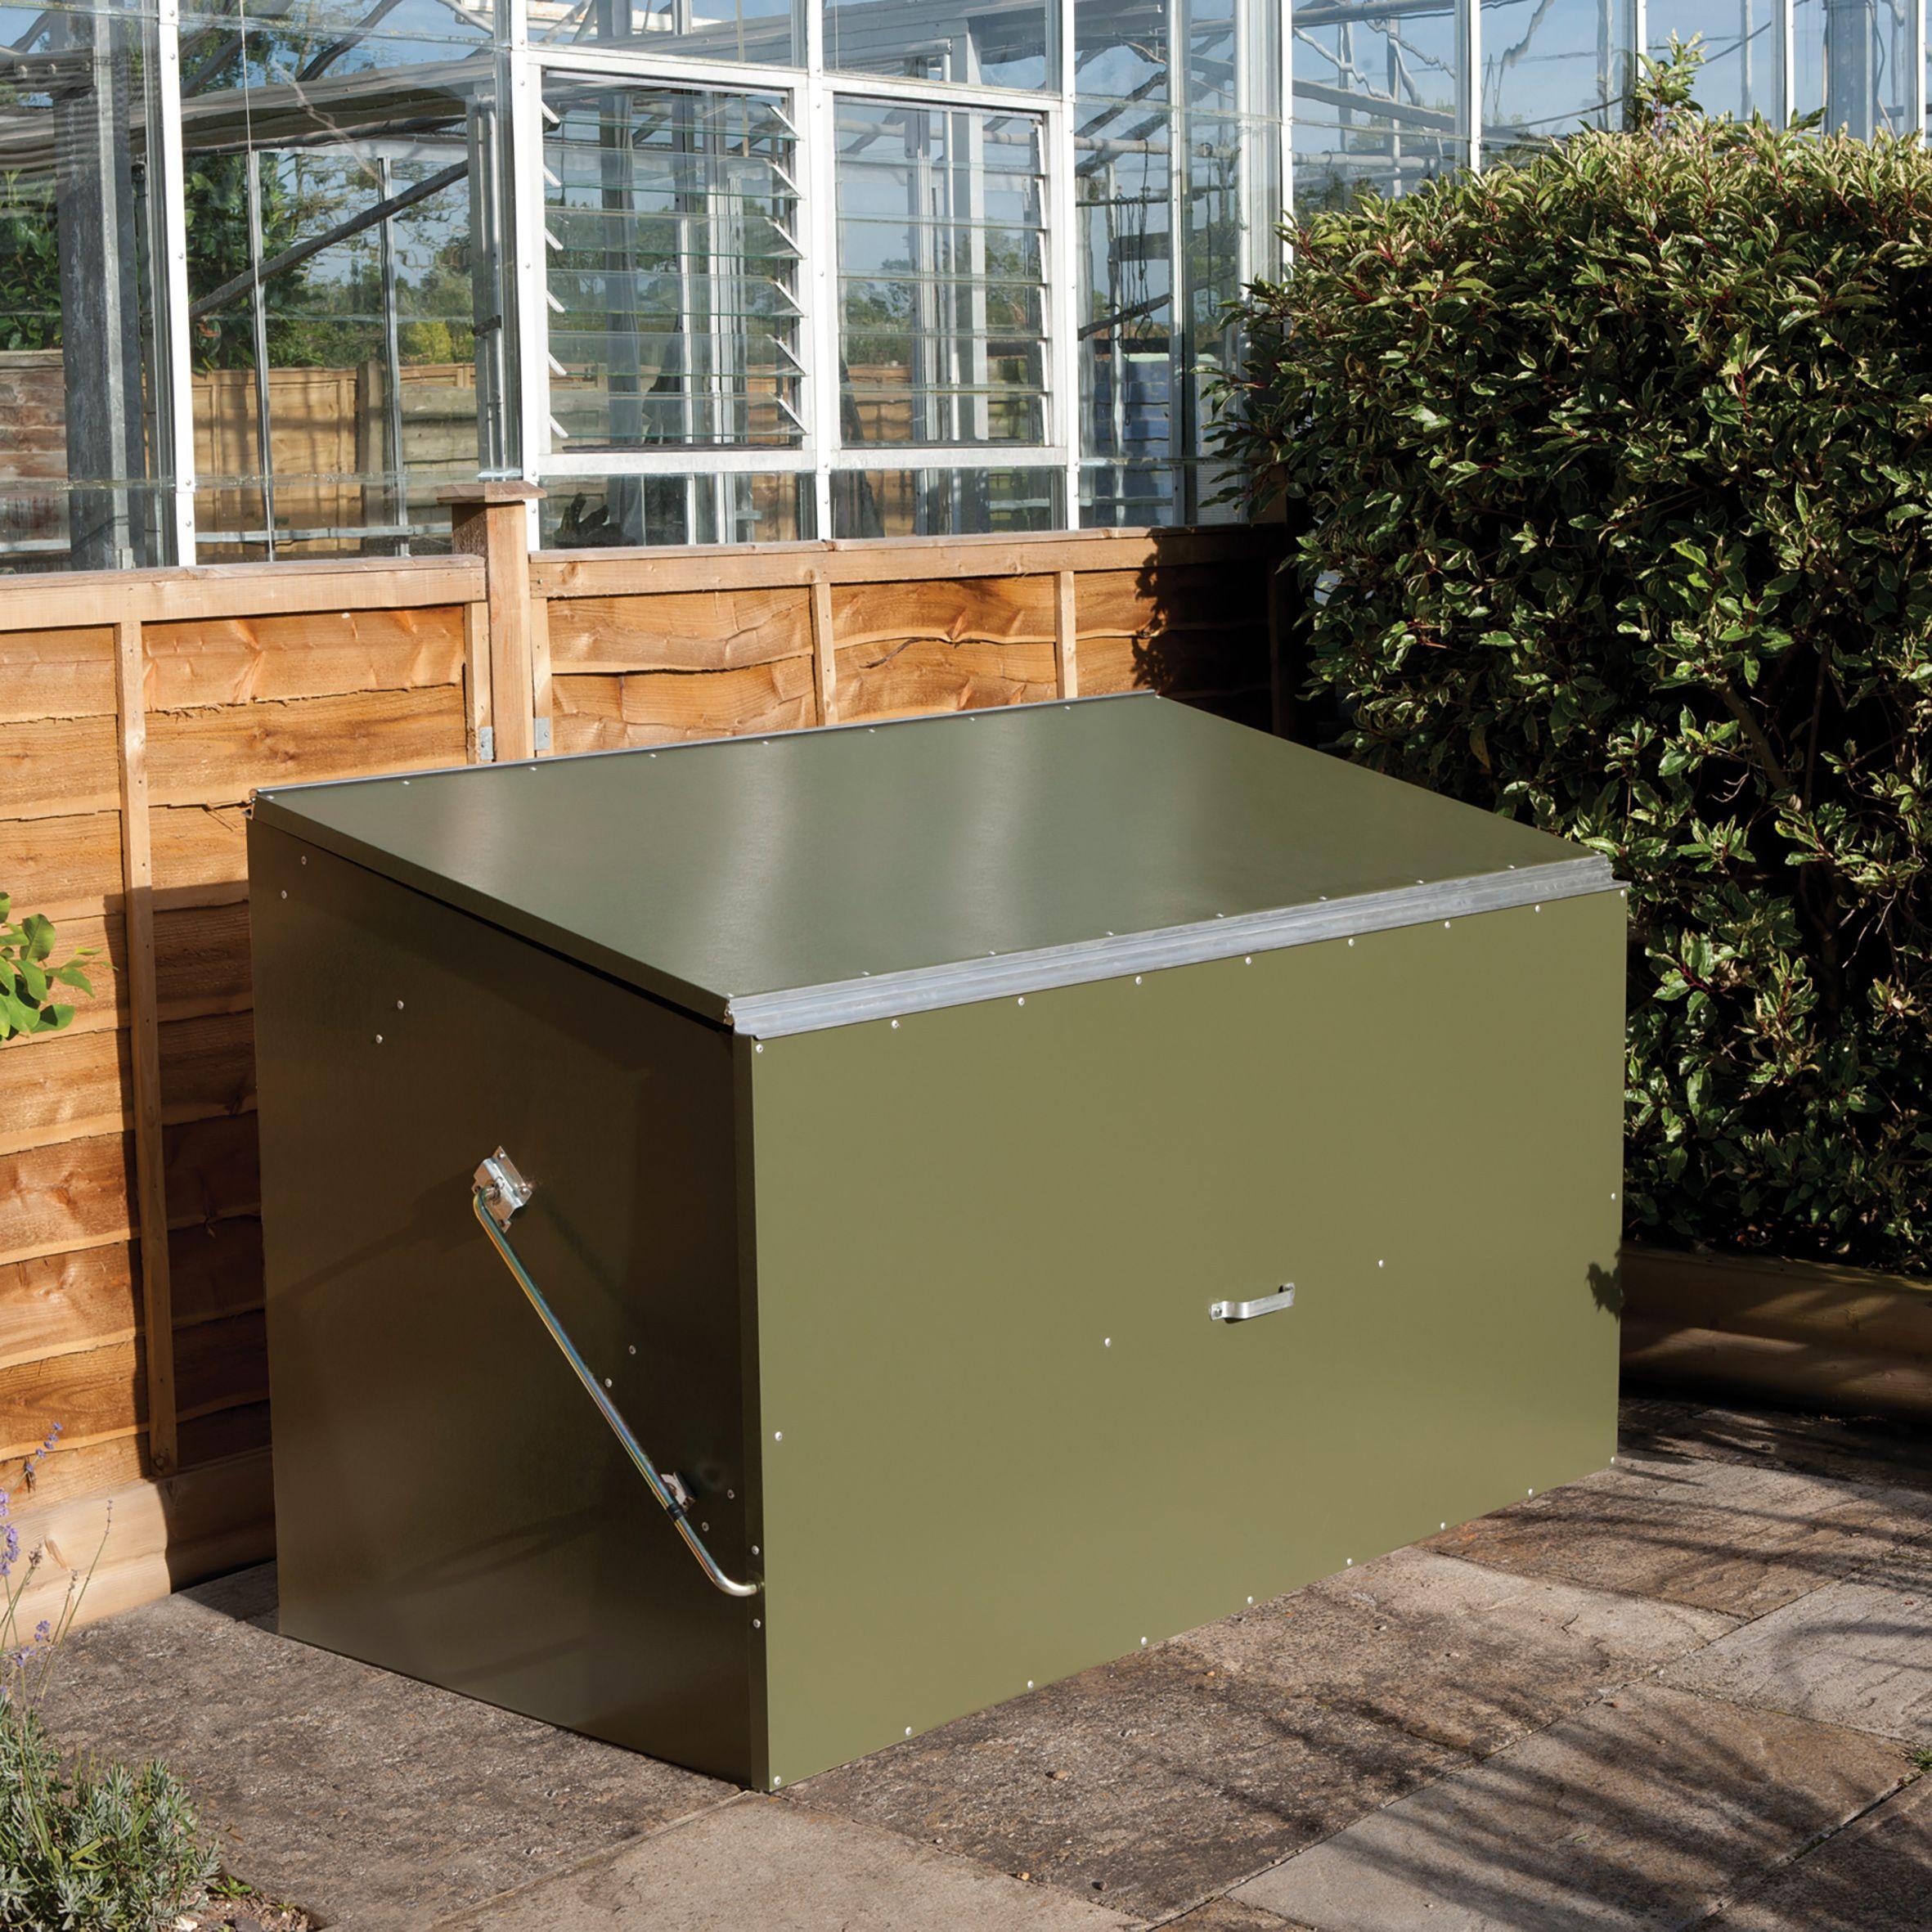 Pent Metal Garden Storage Box 6X3Garden Storage   Garden   DIY at B Q. Outside Storage Bins Uk. Home Design Ideas